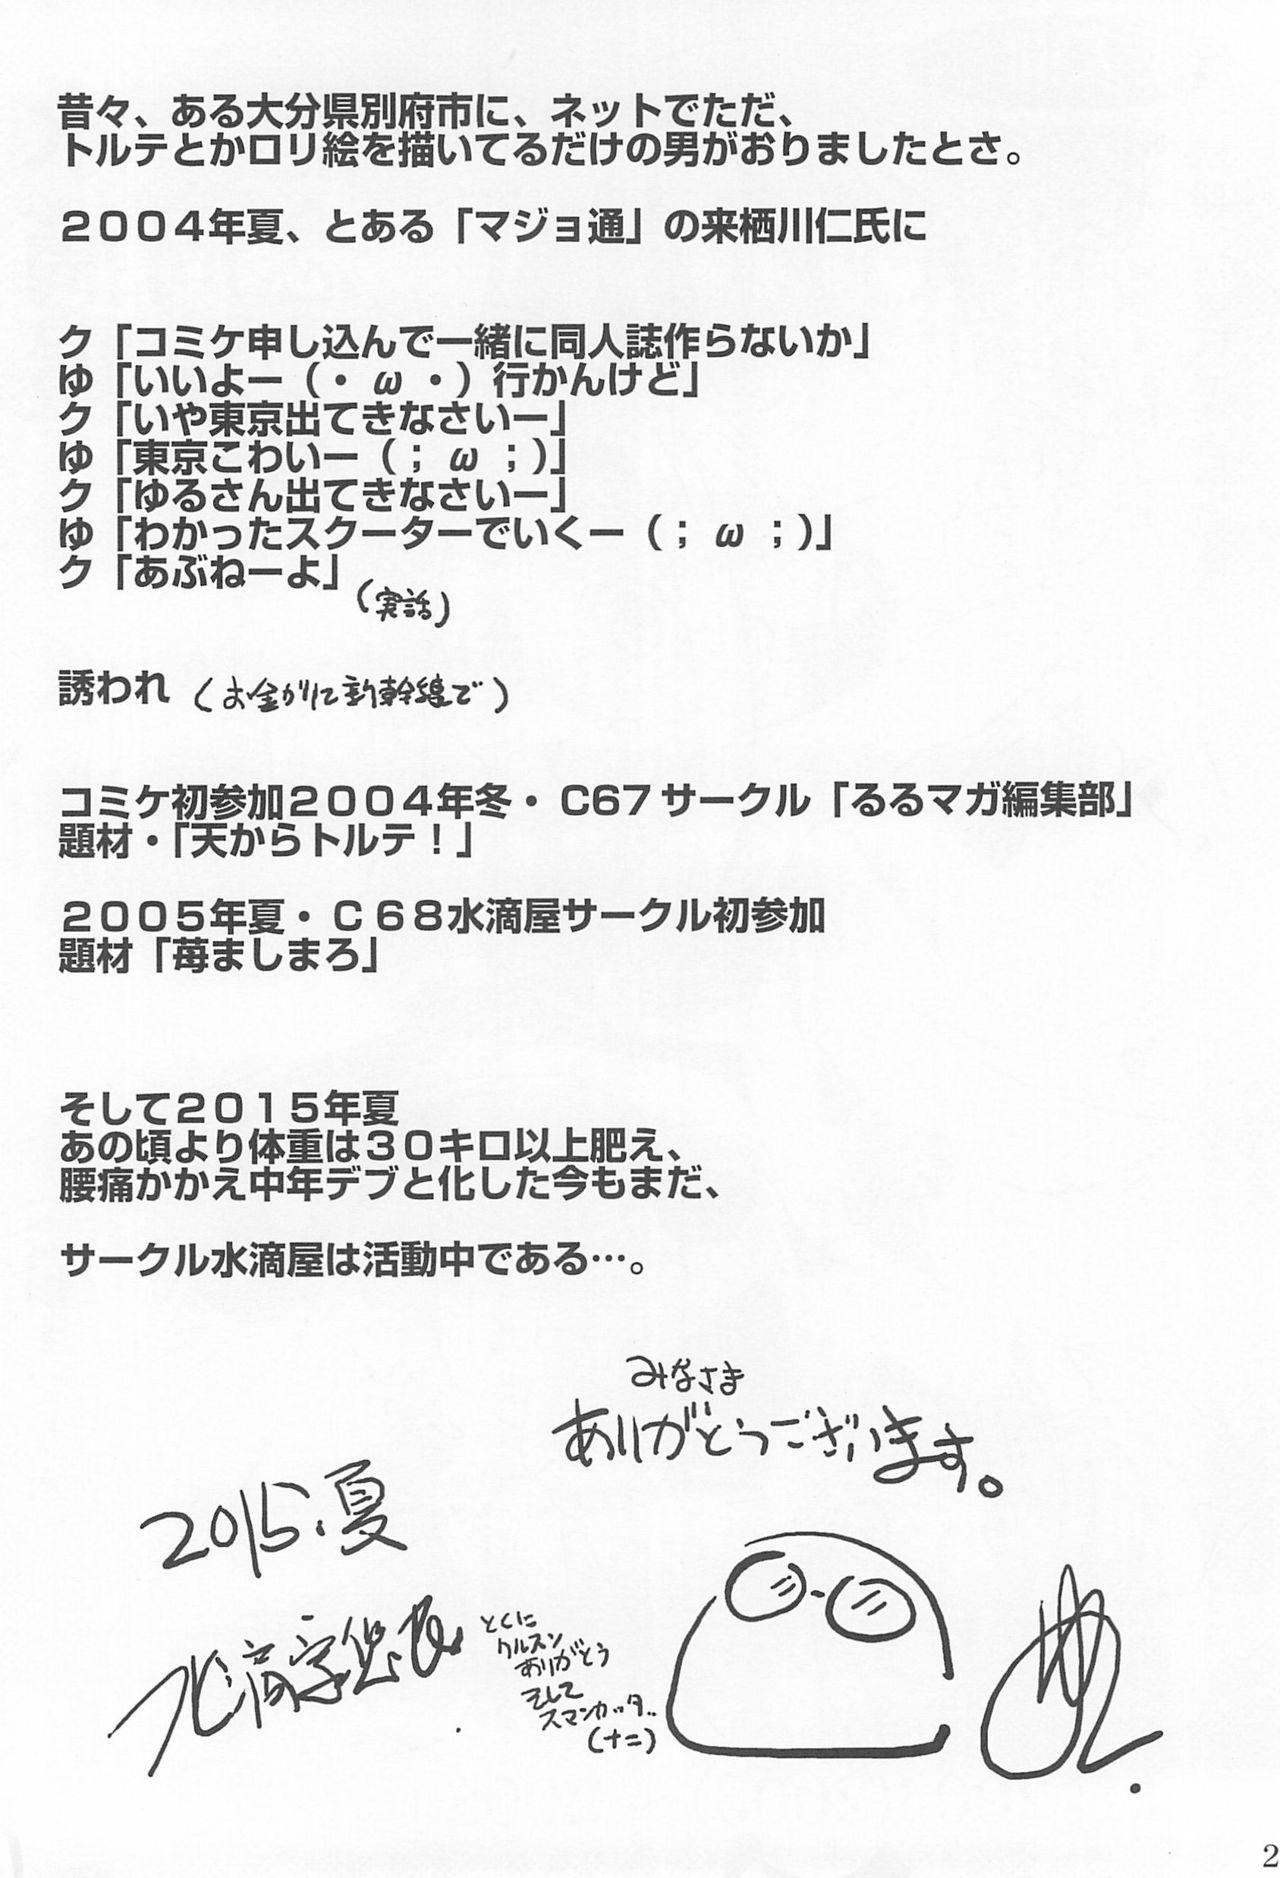 Suitekiya 10 Shuunen Kinen no Hon 1